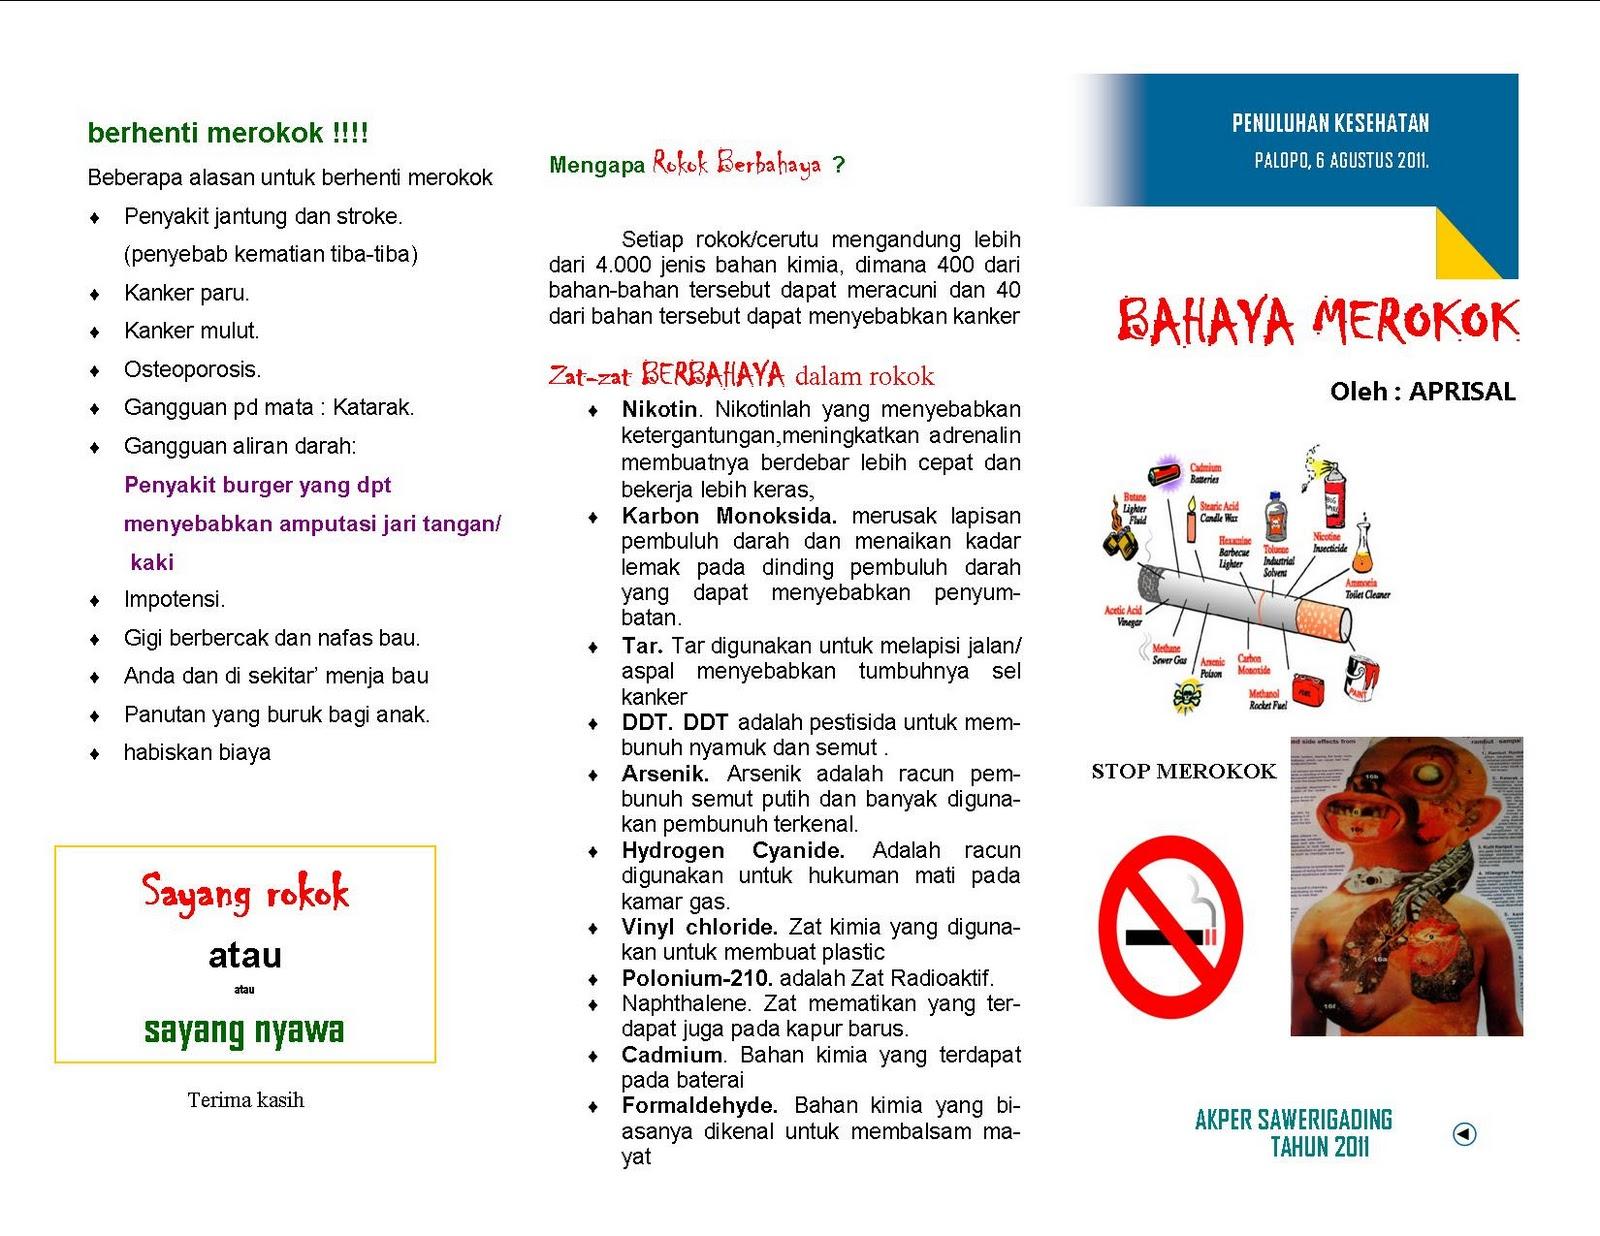 bahaya merokok Info & artikel kesihatan : tabiat merokok, kesan & akibat bahaya merokok (kandungan rokok) bukan sahaja kepada perokok malah kepada orang disekeliling.